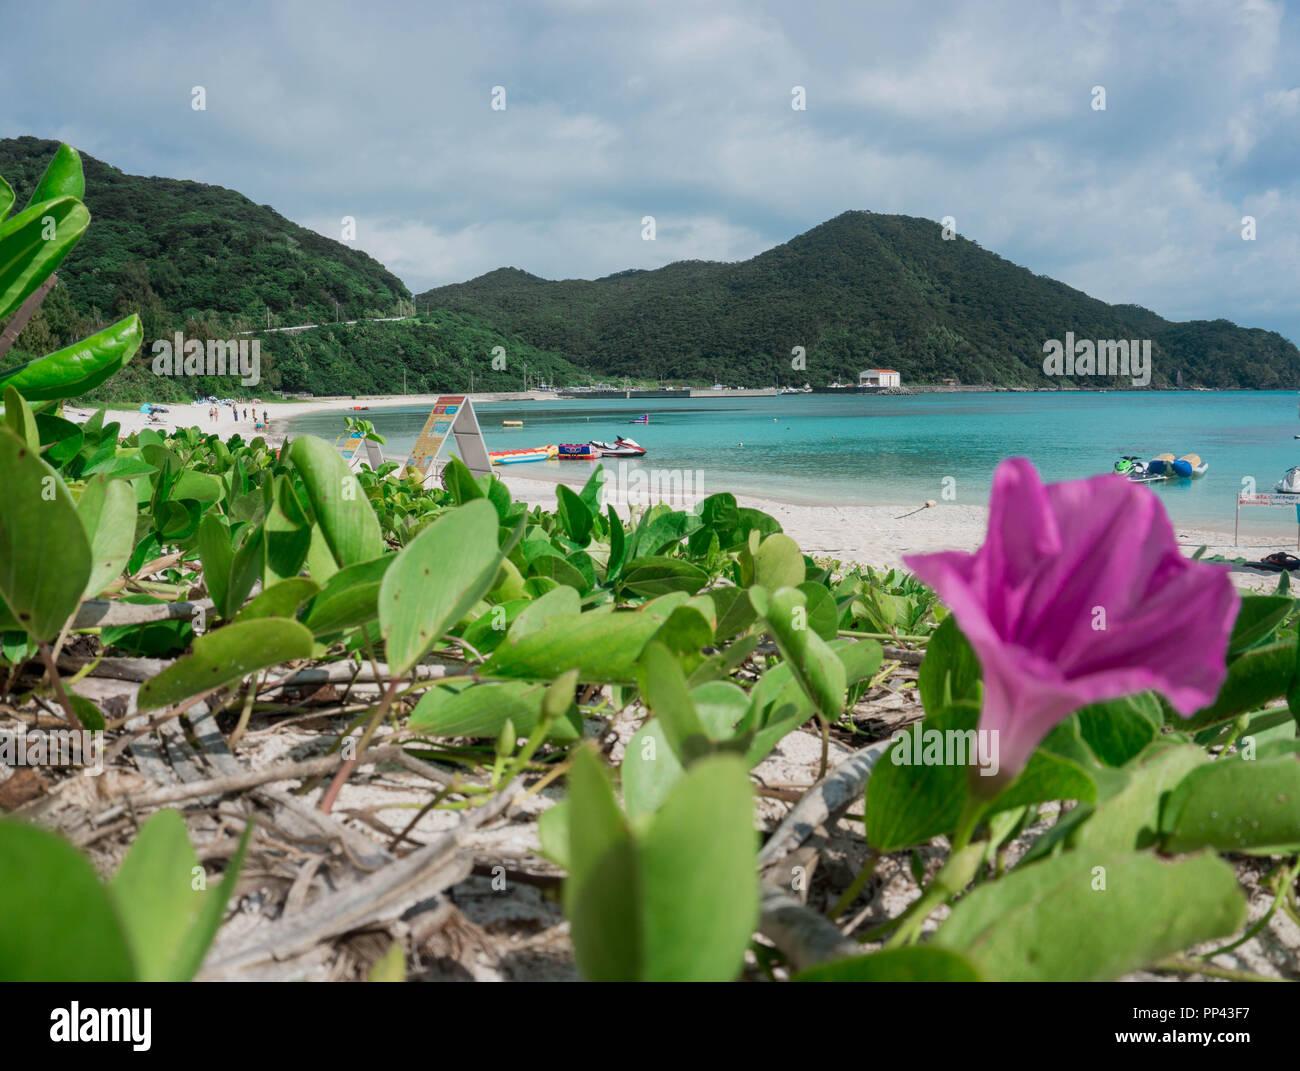 Tagesauflug auf die wunderschöne Insel Tokashiki in Okinawa. Stock Photo